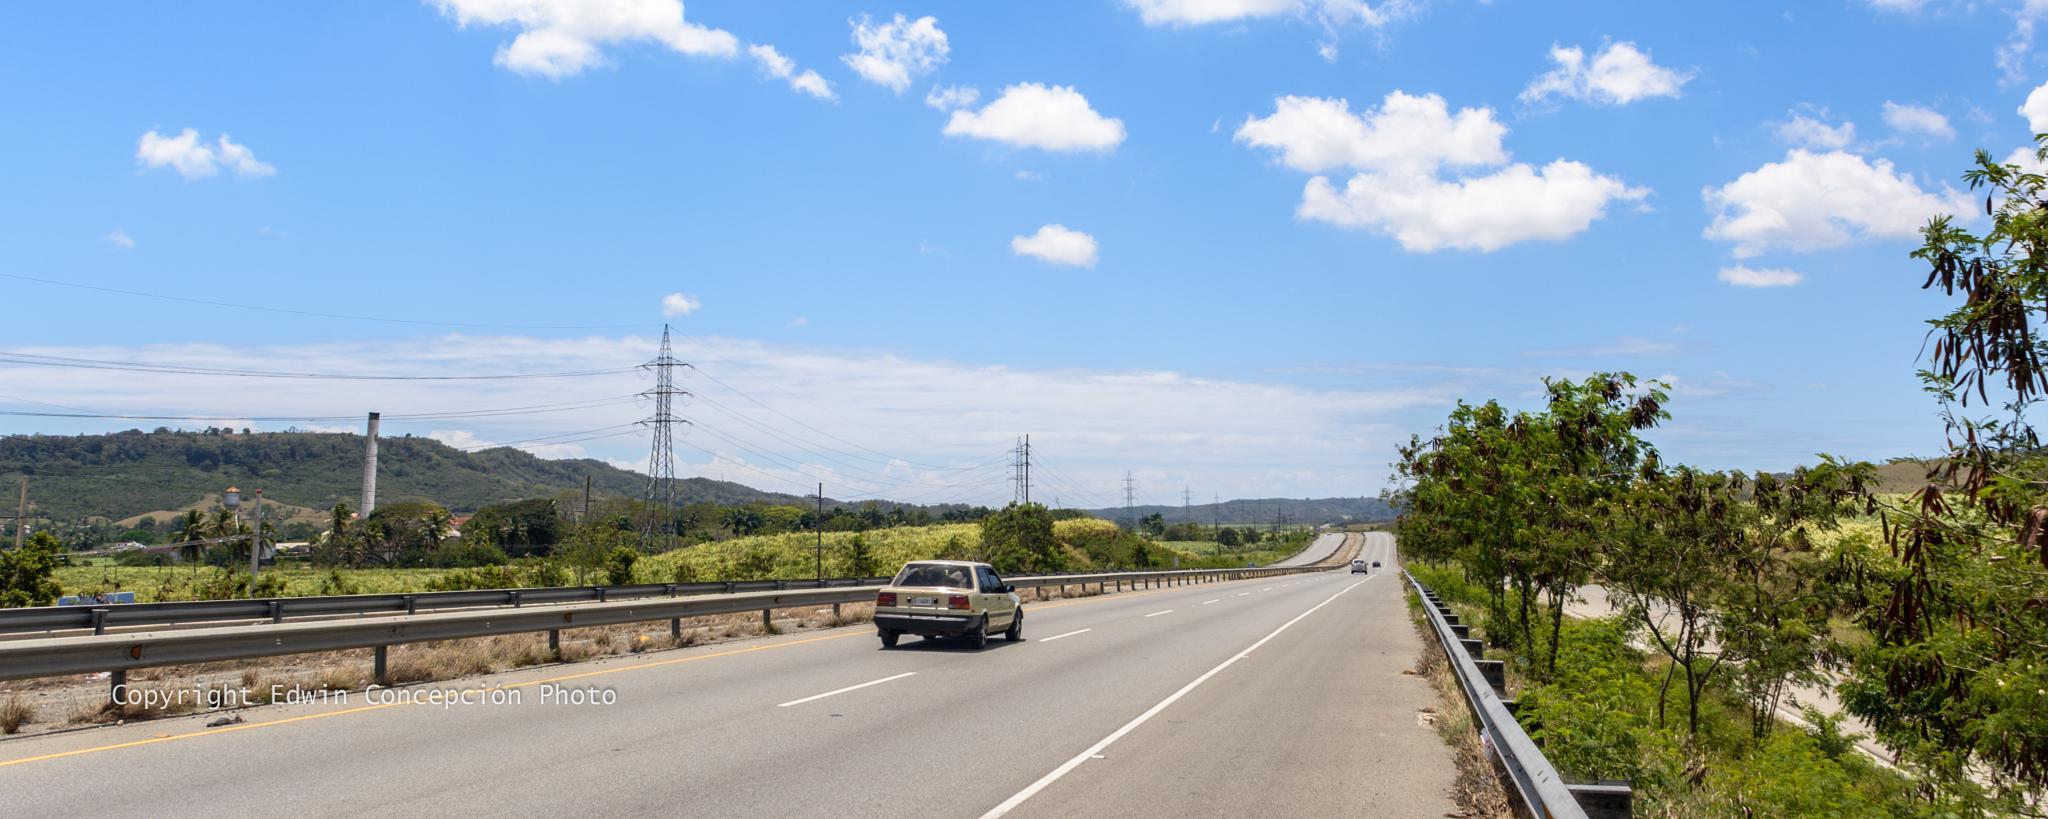 Long road to Bani by Edwin Concepción